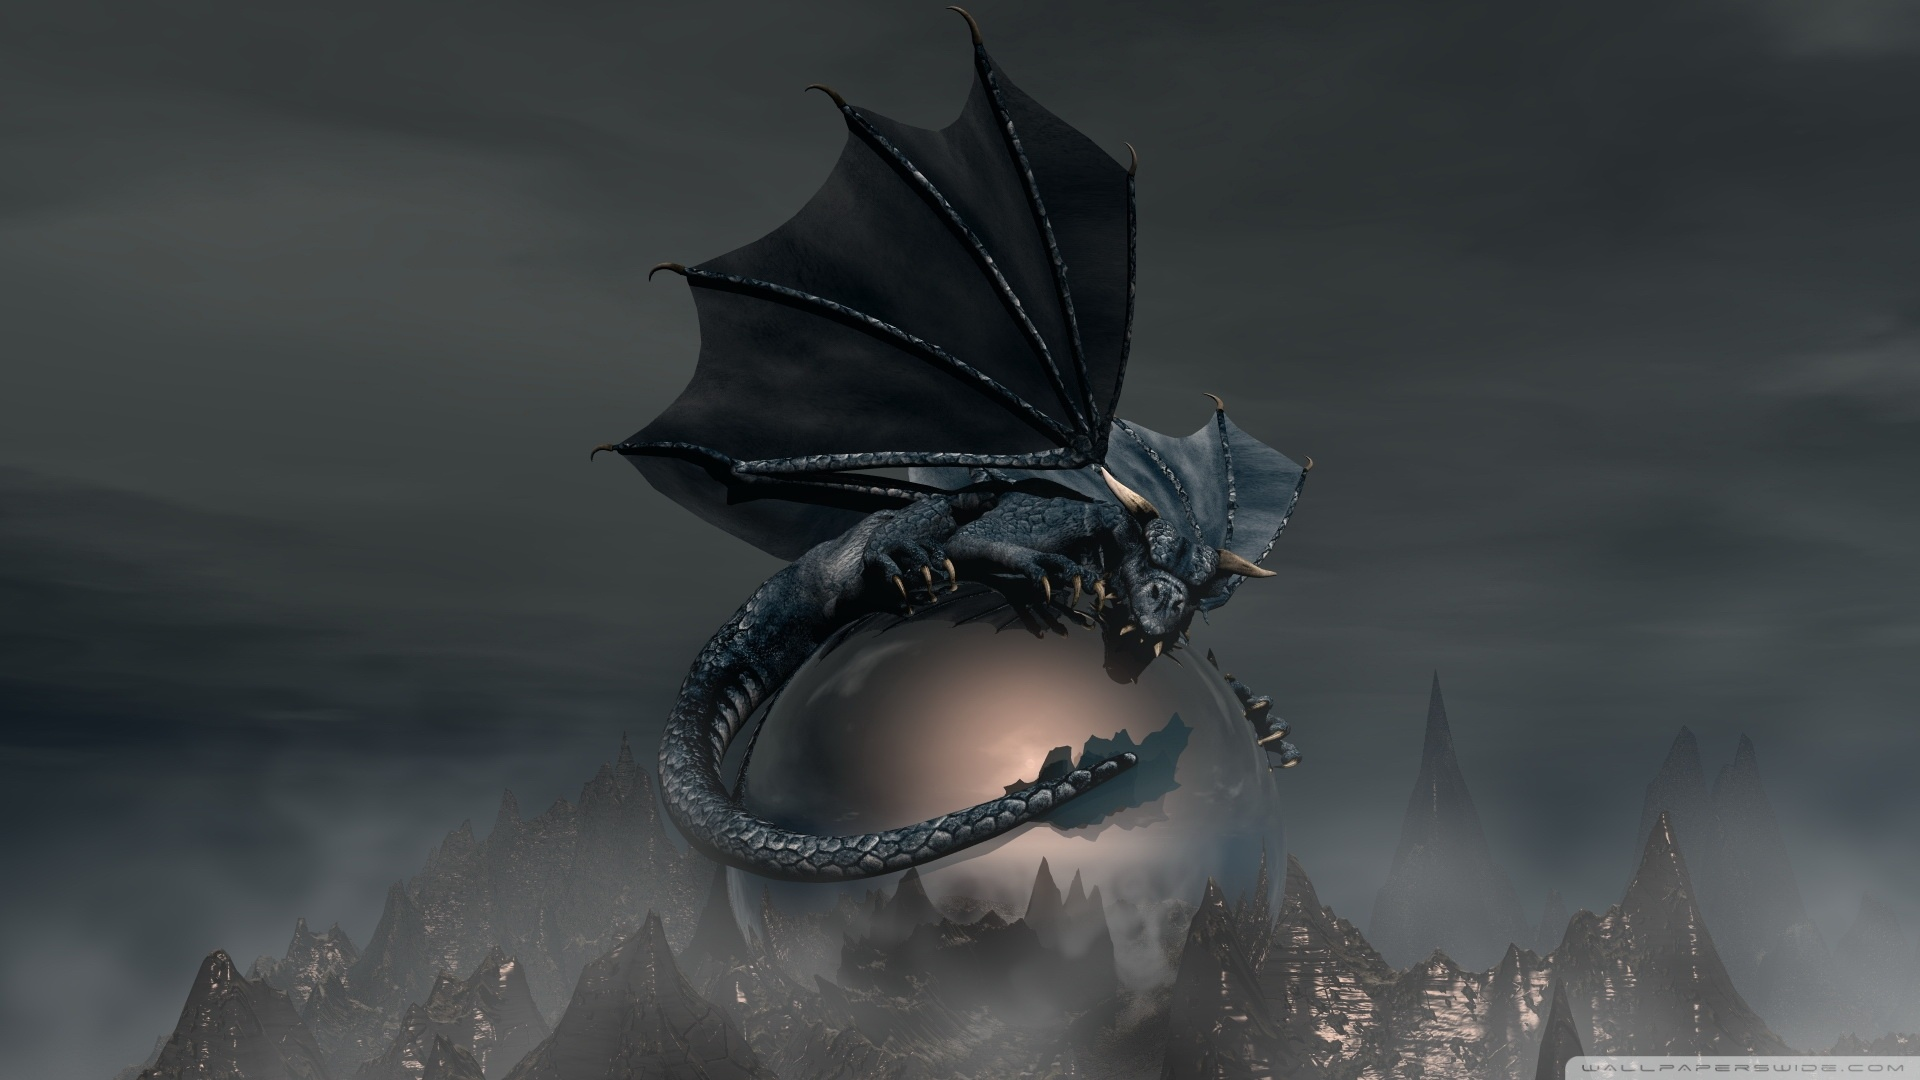 Black Dragon Wallpaper 1920x1080 Black Dragon 1920x1080